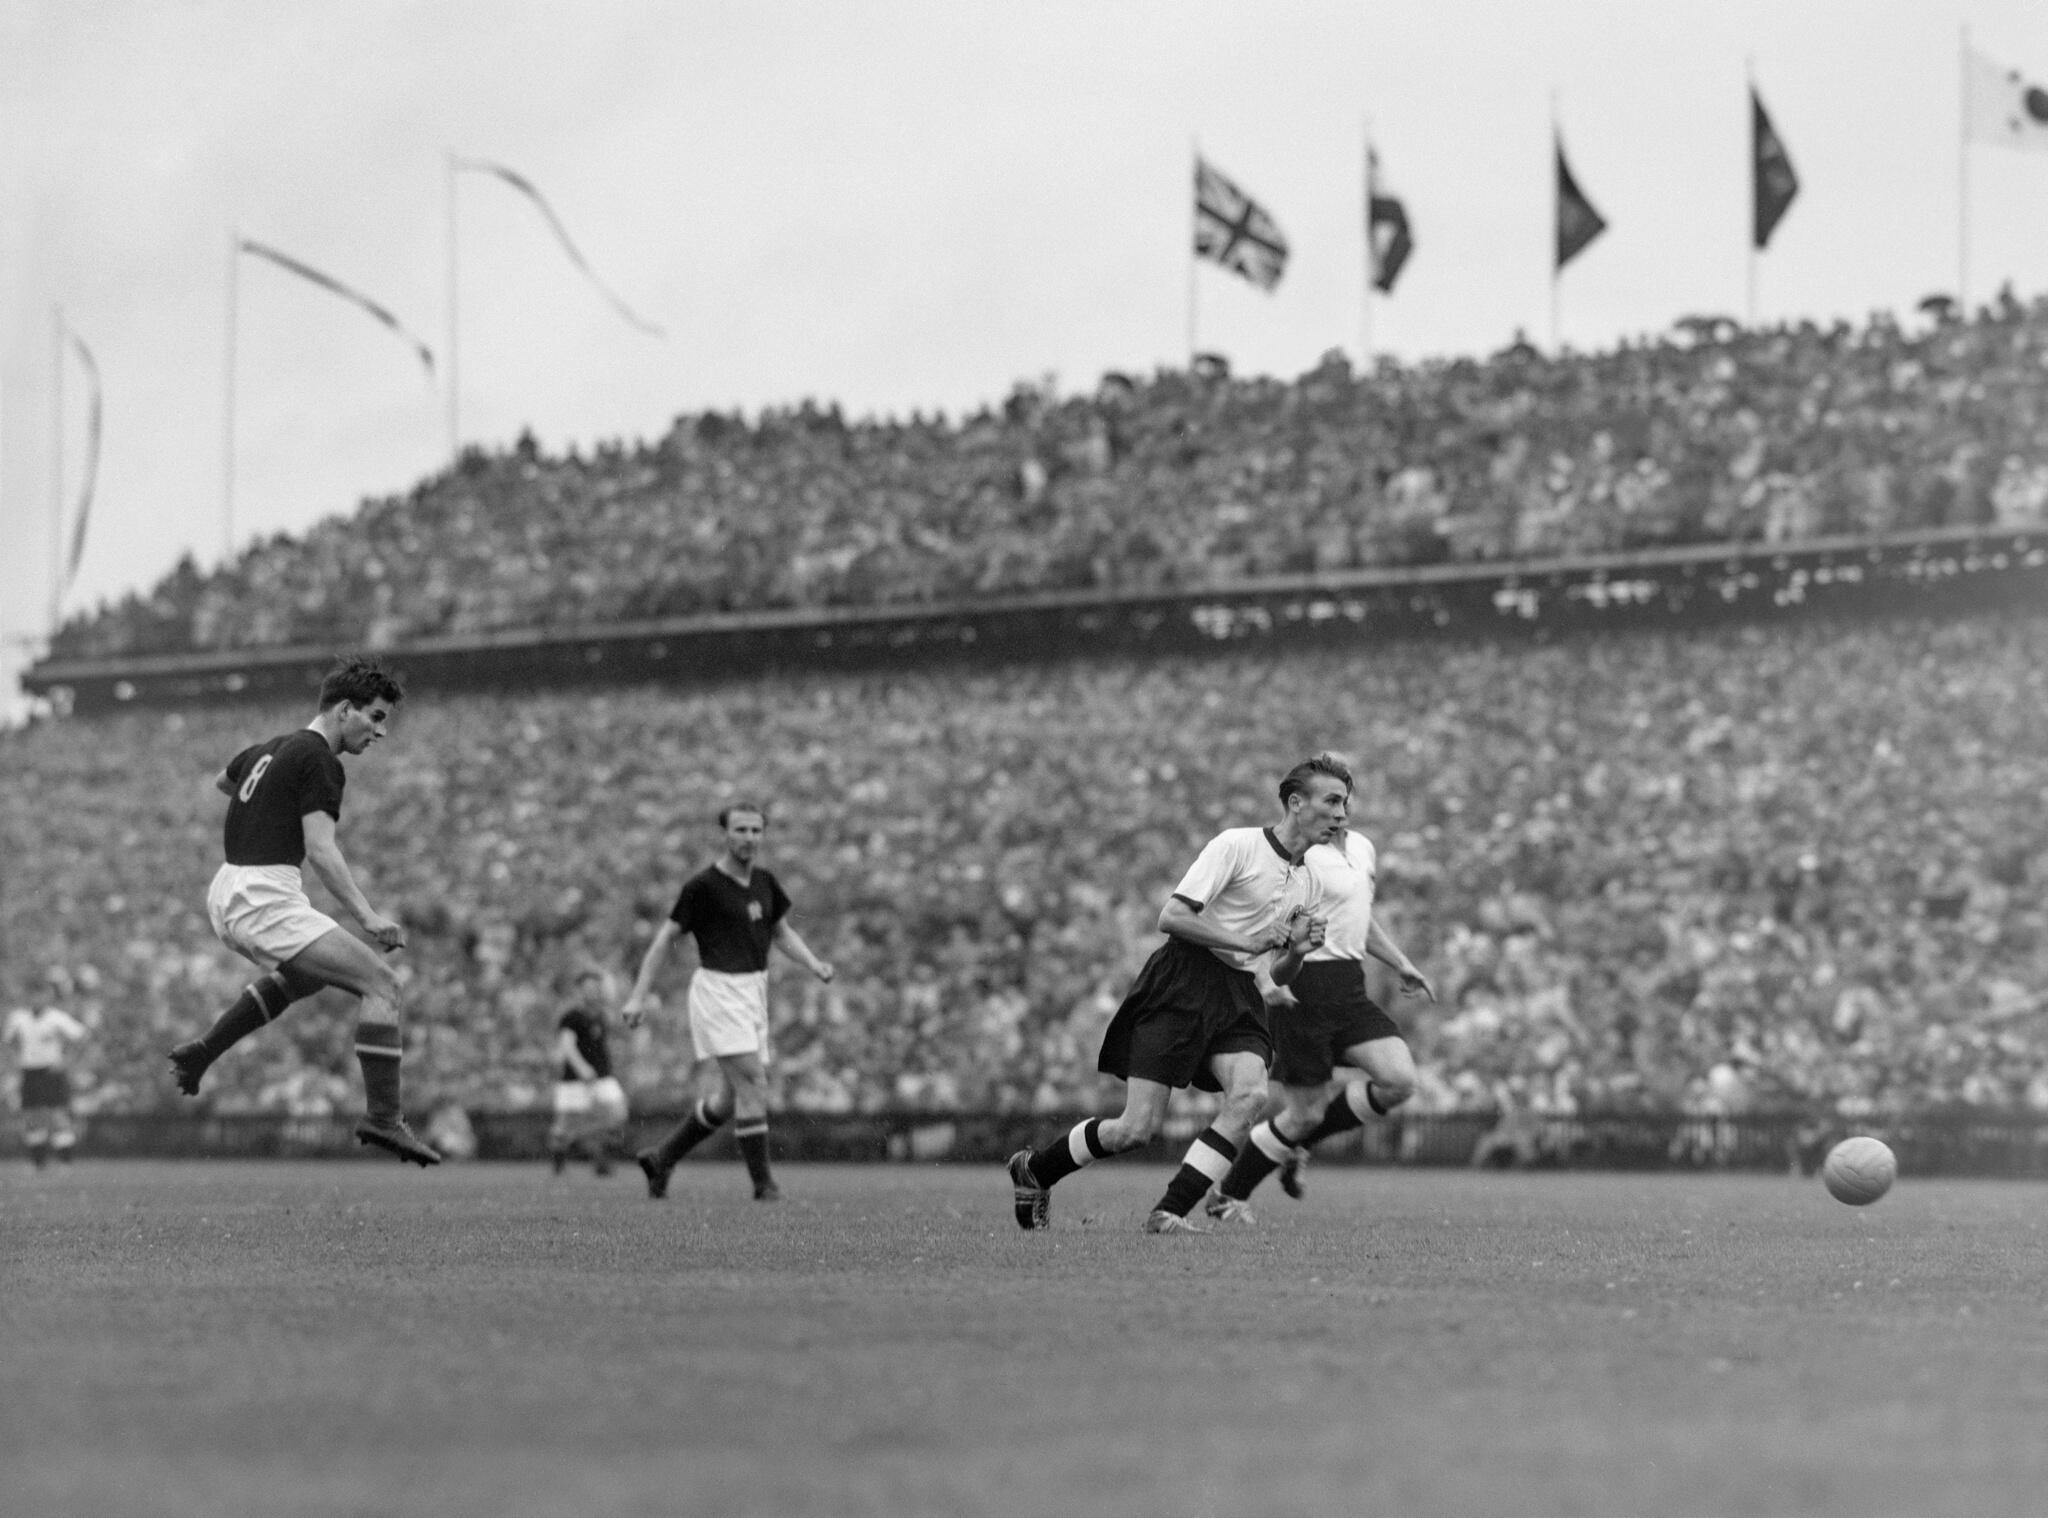 Bild zu WM 1954, Endspiel, Finale, Bern, Sandor Kocsis, Horst Eckel, Schuss, Deutschland, Ungarn